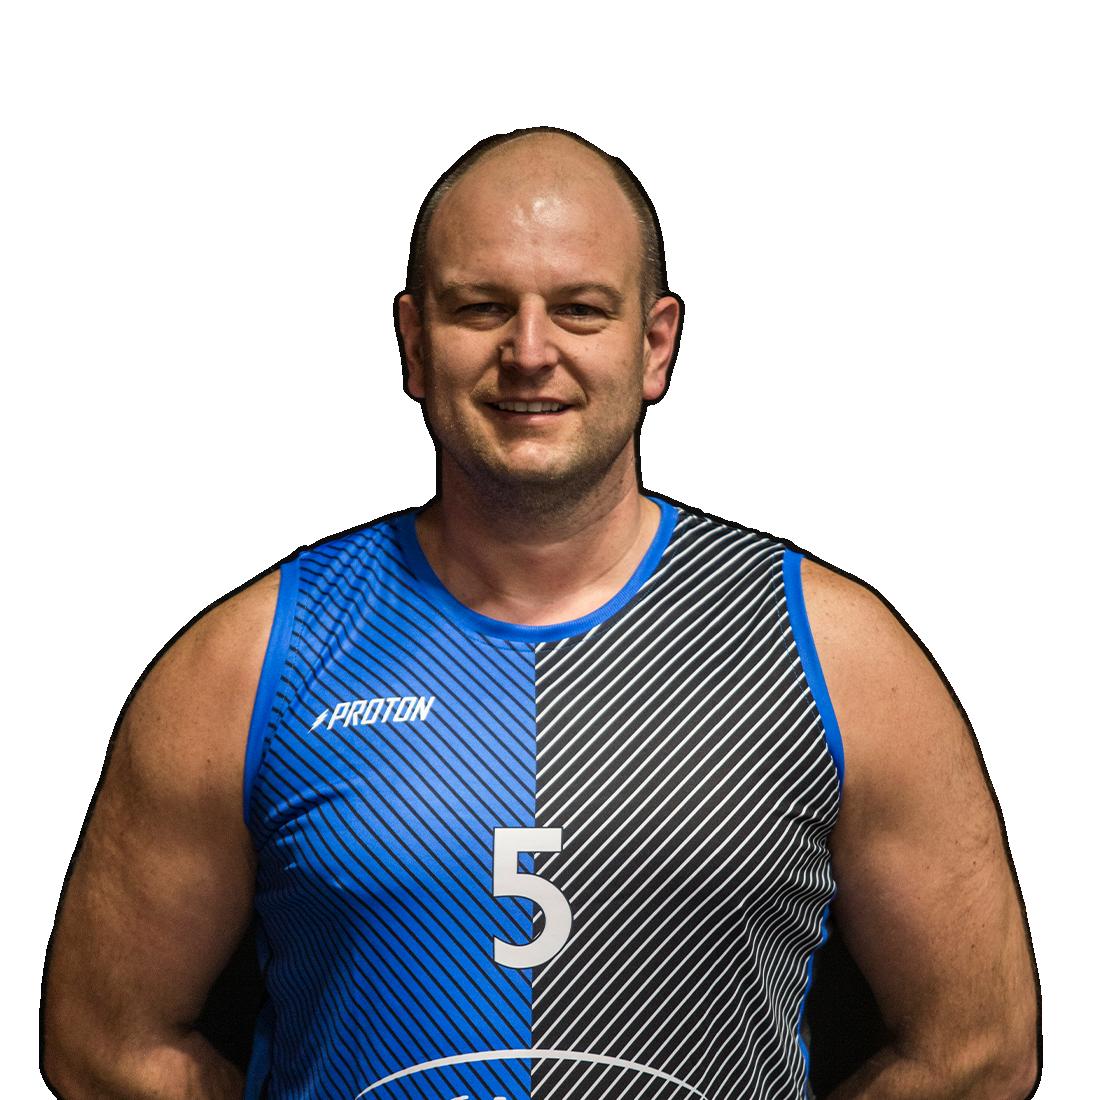 Łukasz Turczynowski